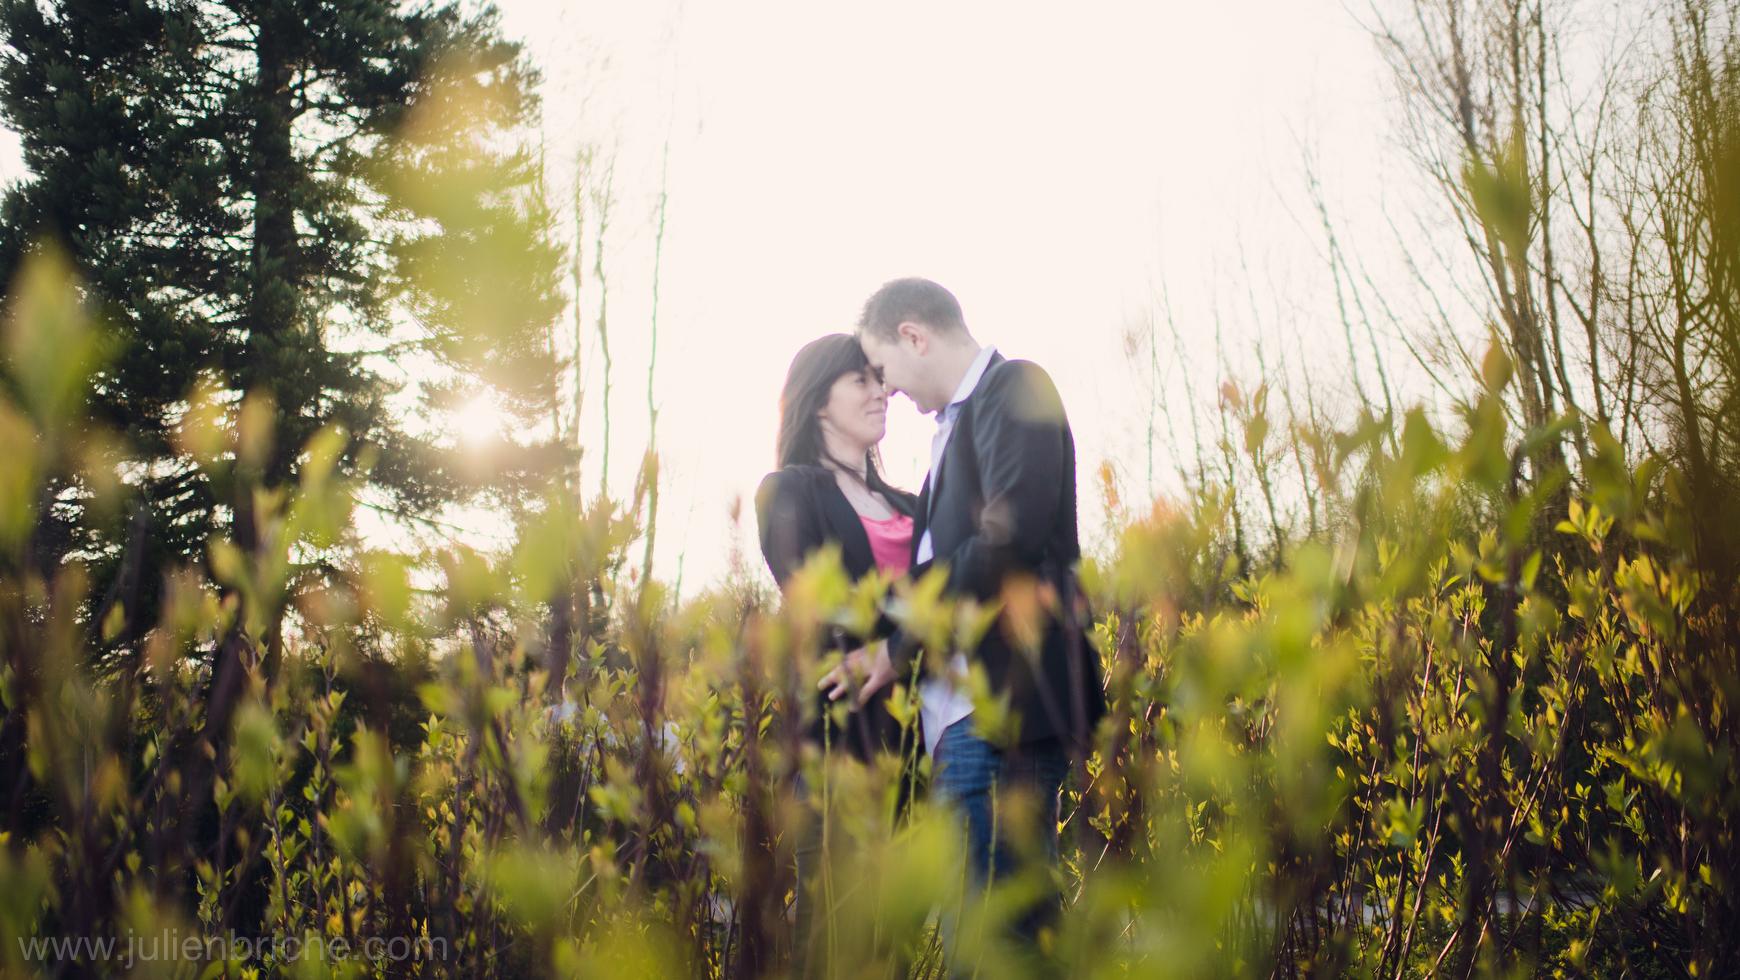 Une séance photo en amoureux avec une petite particularité